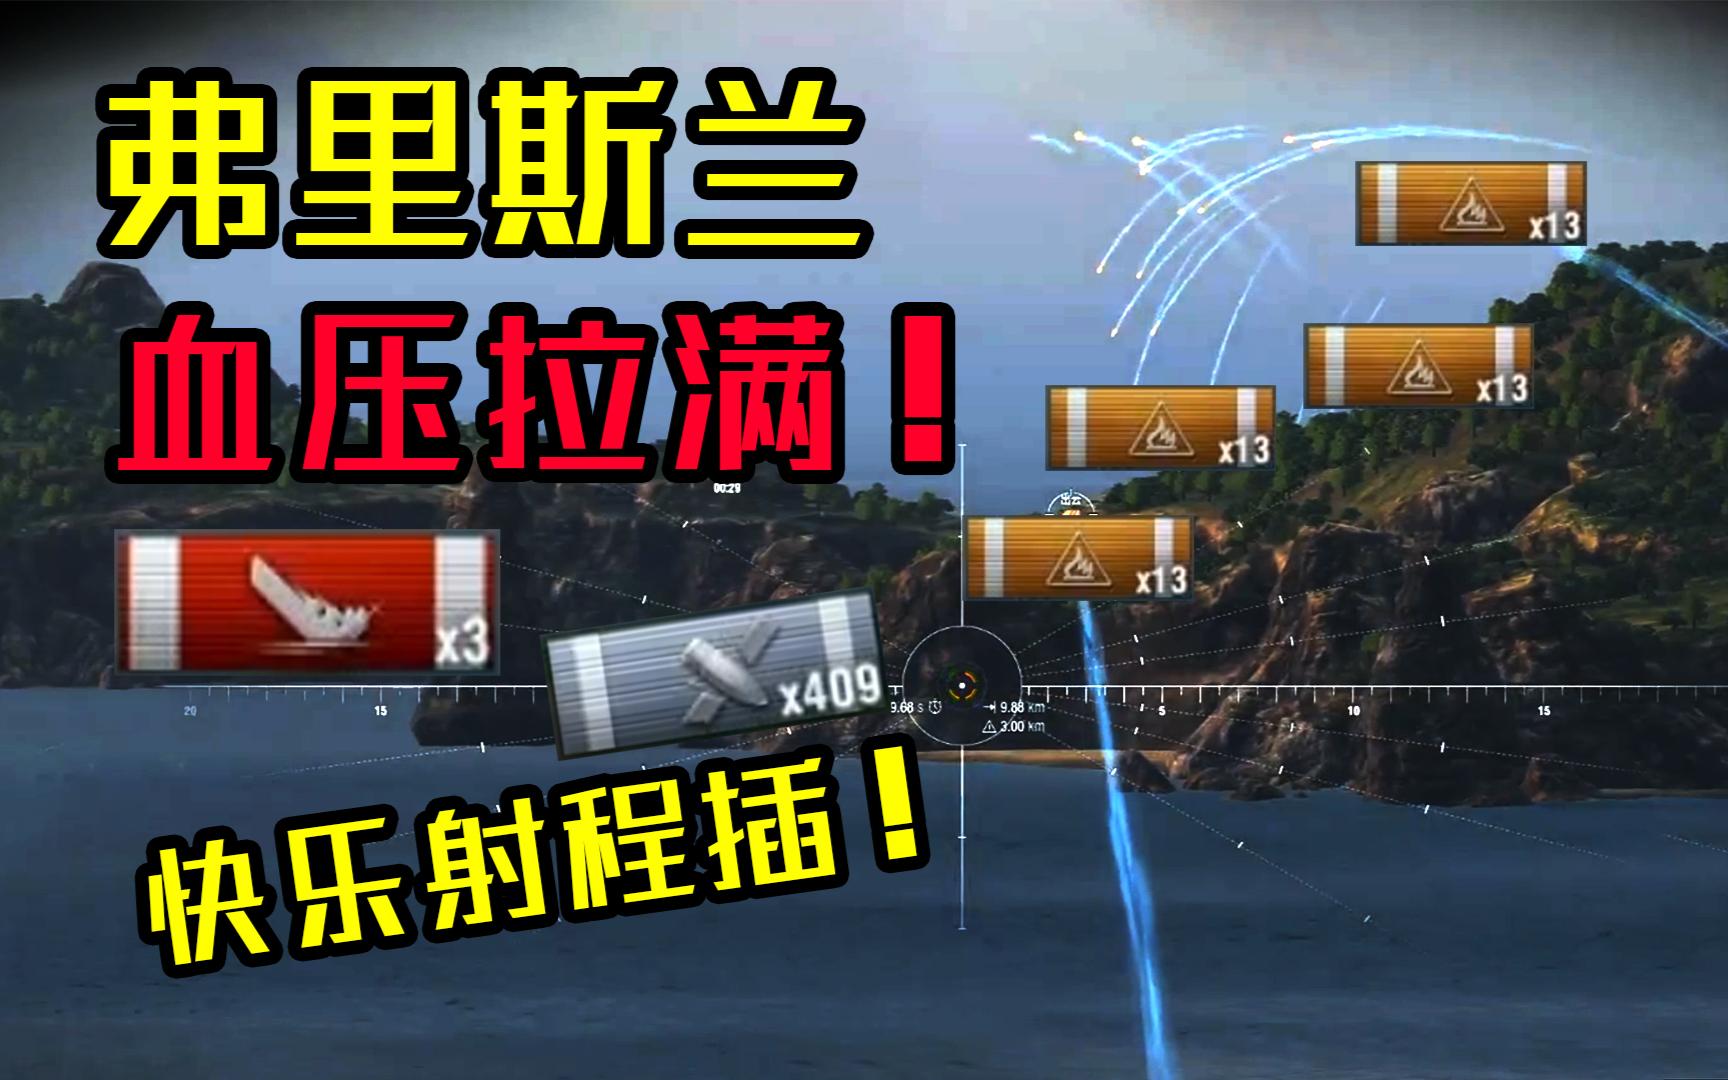 【独家/战舰世界】如何让敌人血压拉满?射程插弗里斯兰!烧死对面的战列舰!娱乐向实况【QPC】